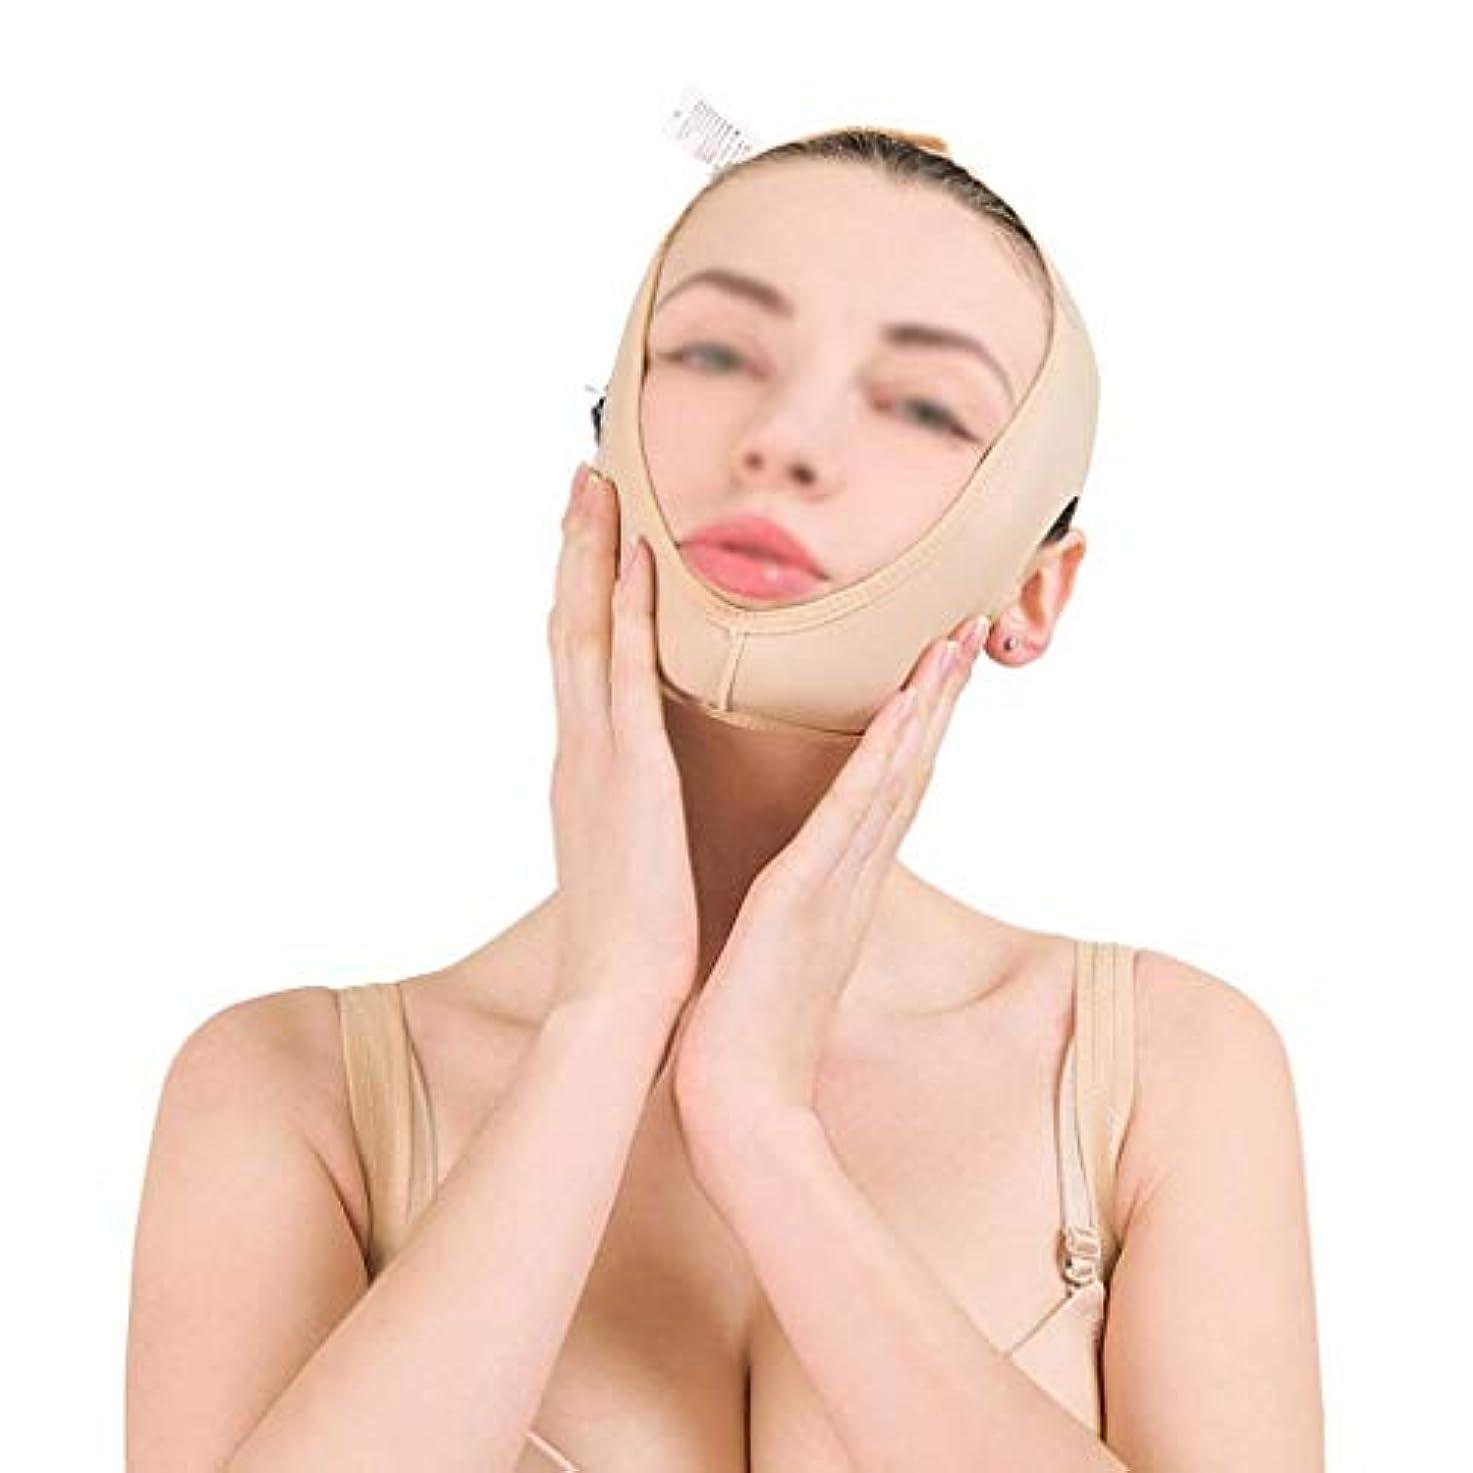 表面マネージャーピンポイントマスク減量、肌の包帯を引き締めるリフティングフェイスバンド、フェイスリフティング、ダブルチンビューティバンデージ、フェイスリフト(サイズ:L),XL